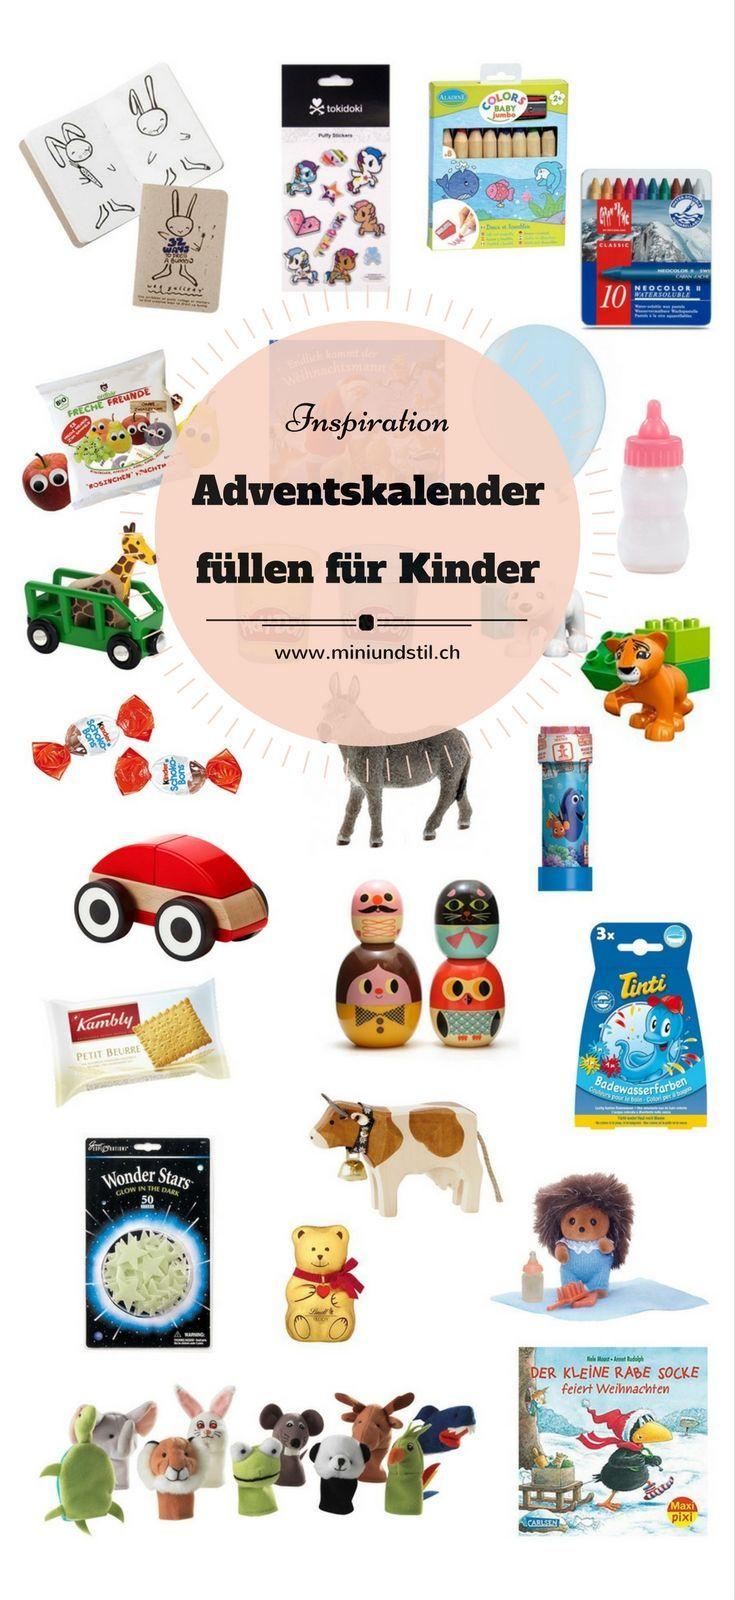 Adventskalender Fullen Das Kommt Ins Tutchen Adventskalender Adventskalender Fullen Kind Und Adventkalender Kinder